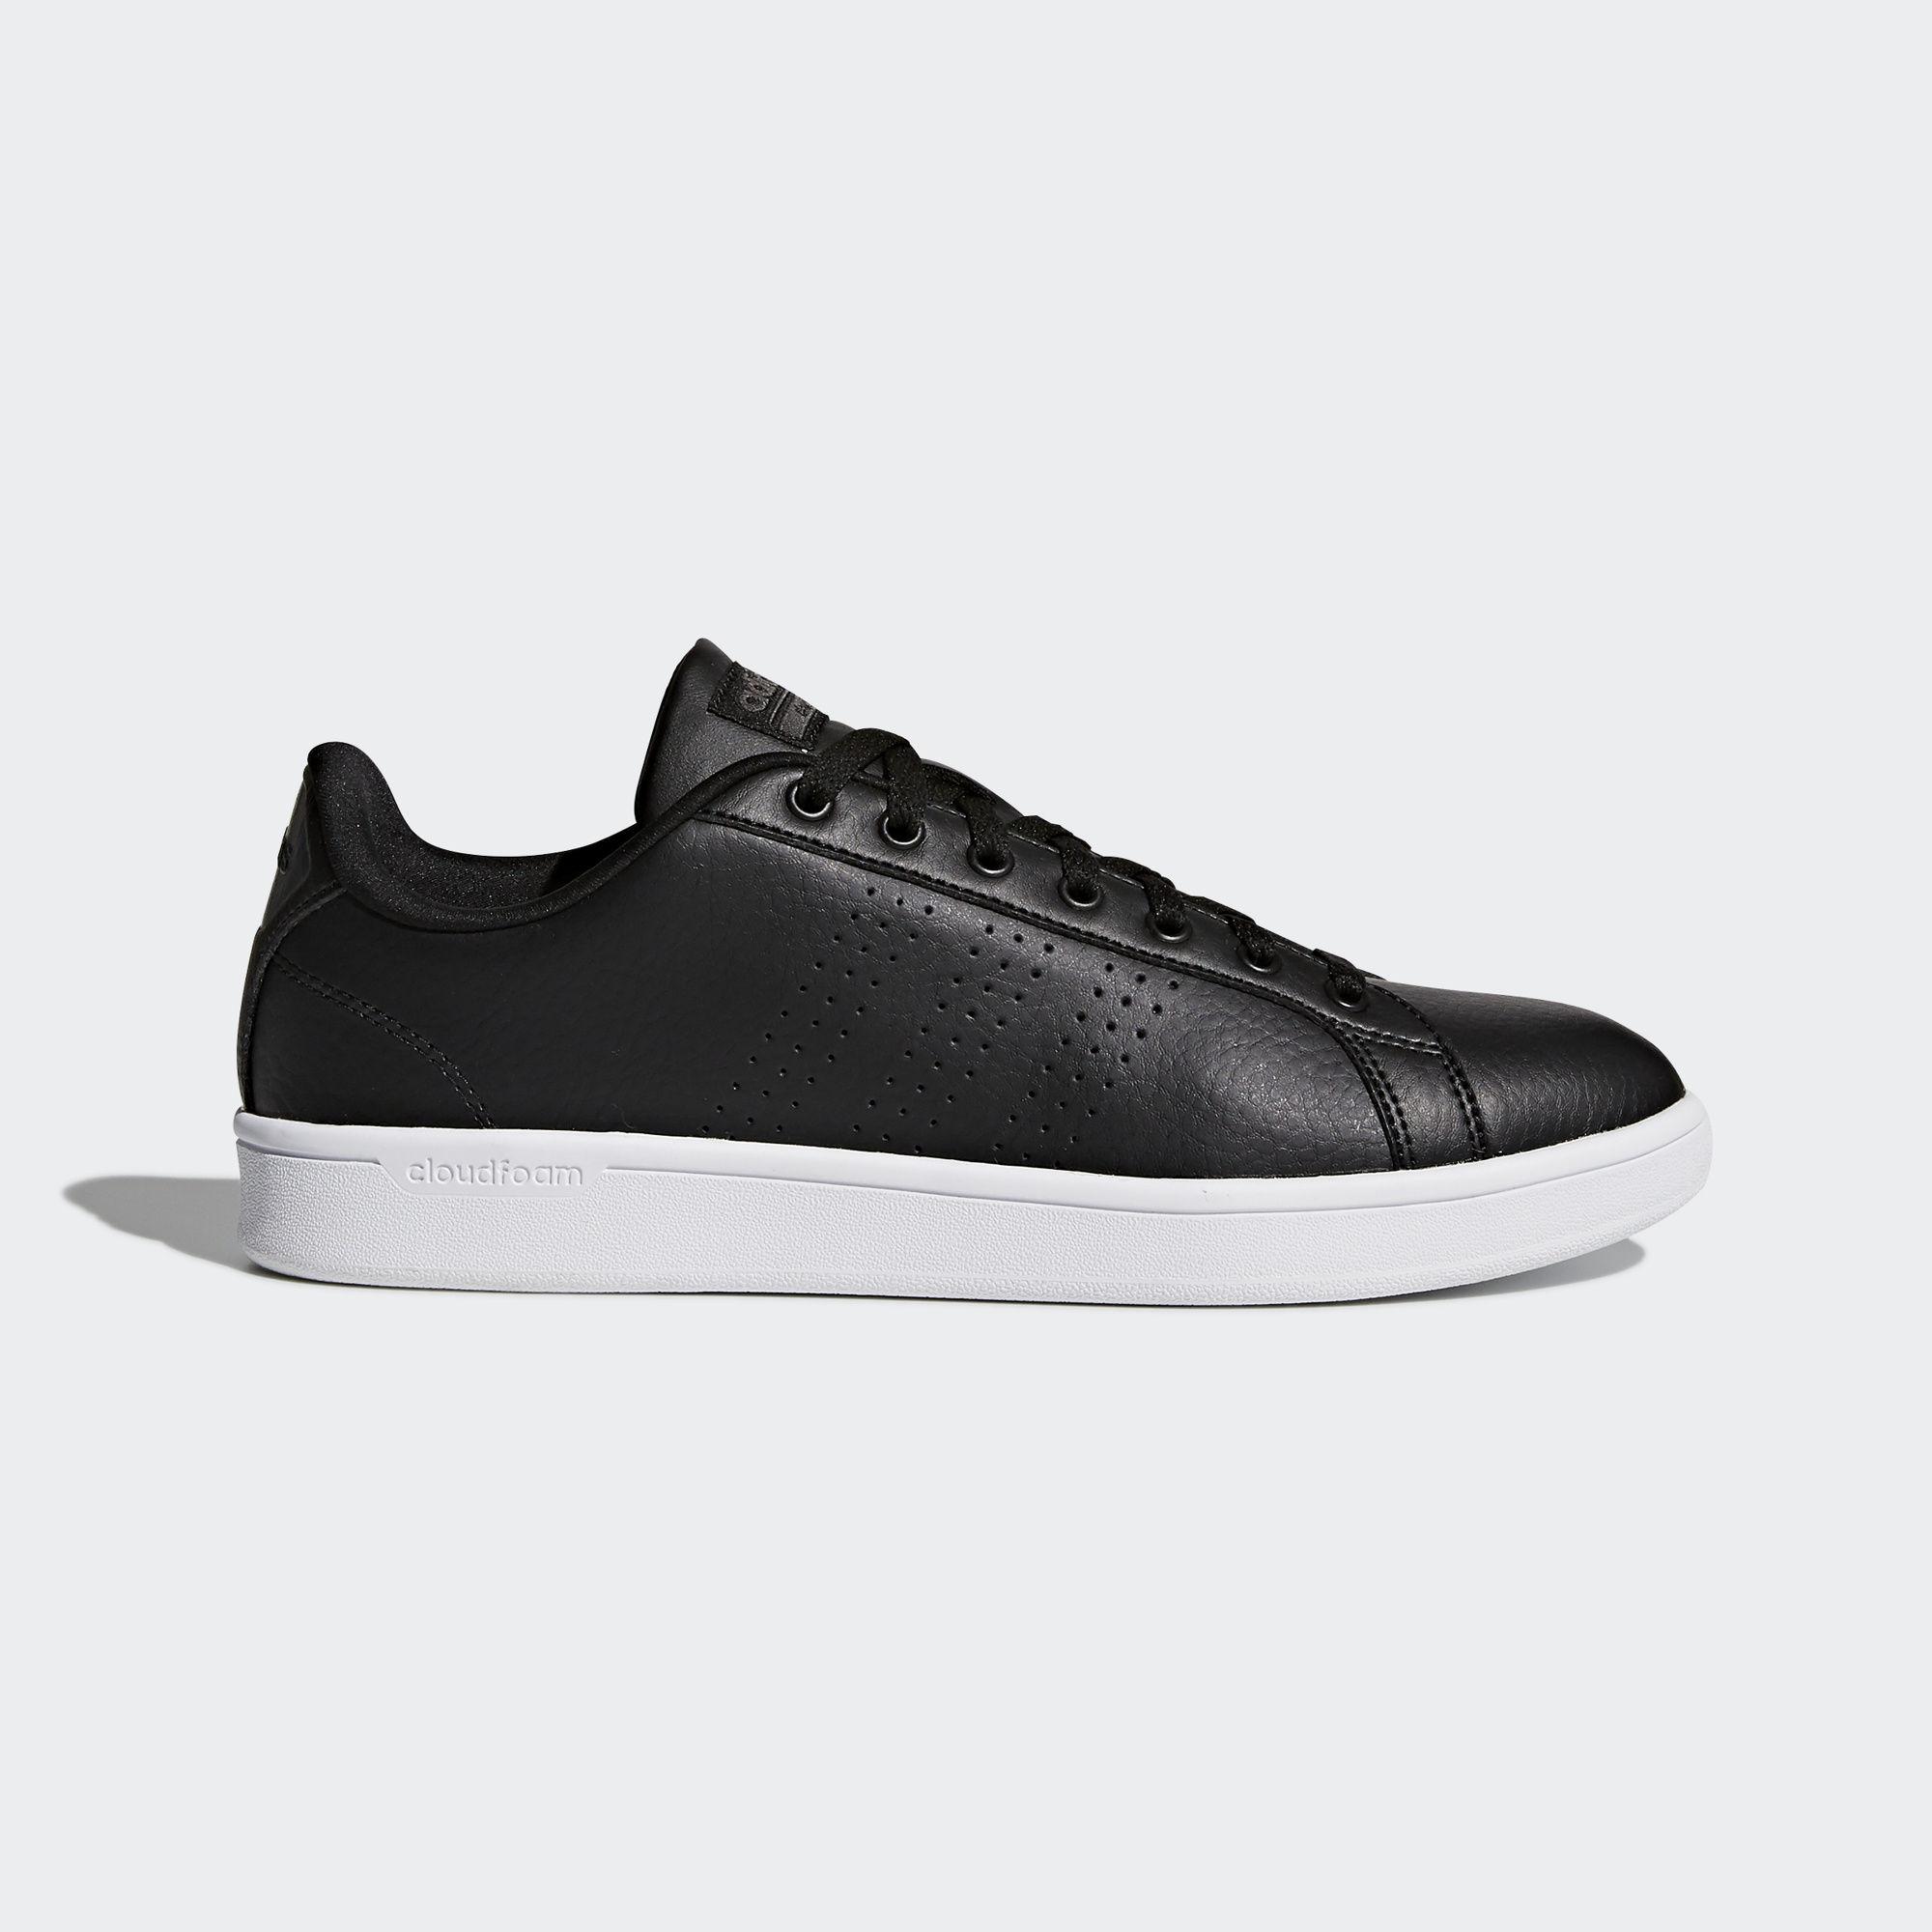 7b2ed9886 Adidas Cloudfoam Advantage Clean Shoes - Black Color Only - Men s B1G1 50%  off -  30 for 2.